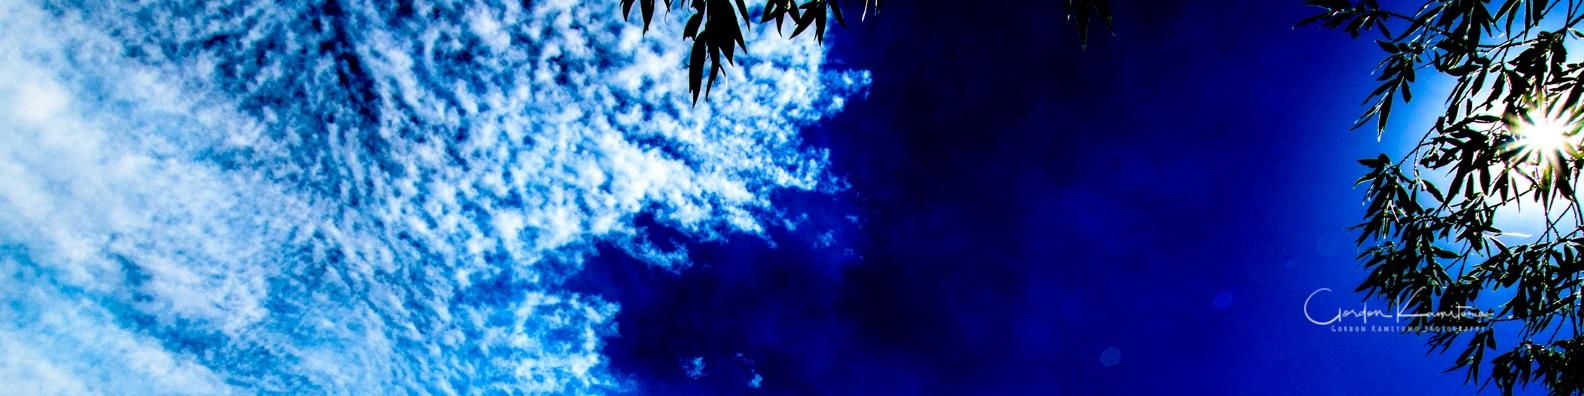 Linkedin Banner Sky